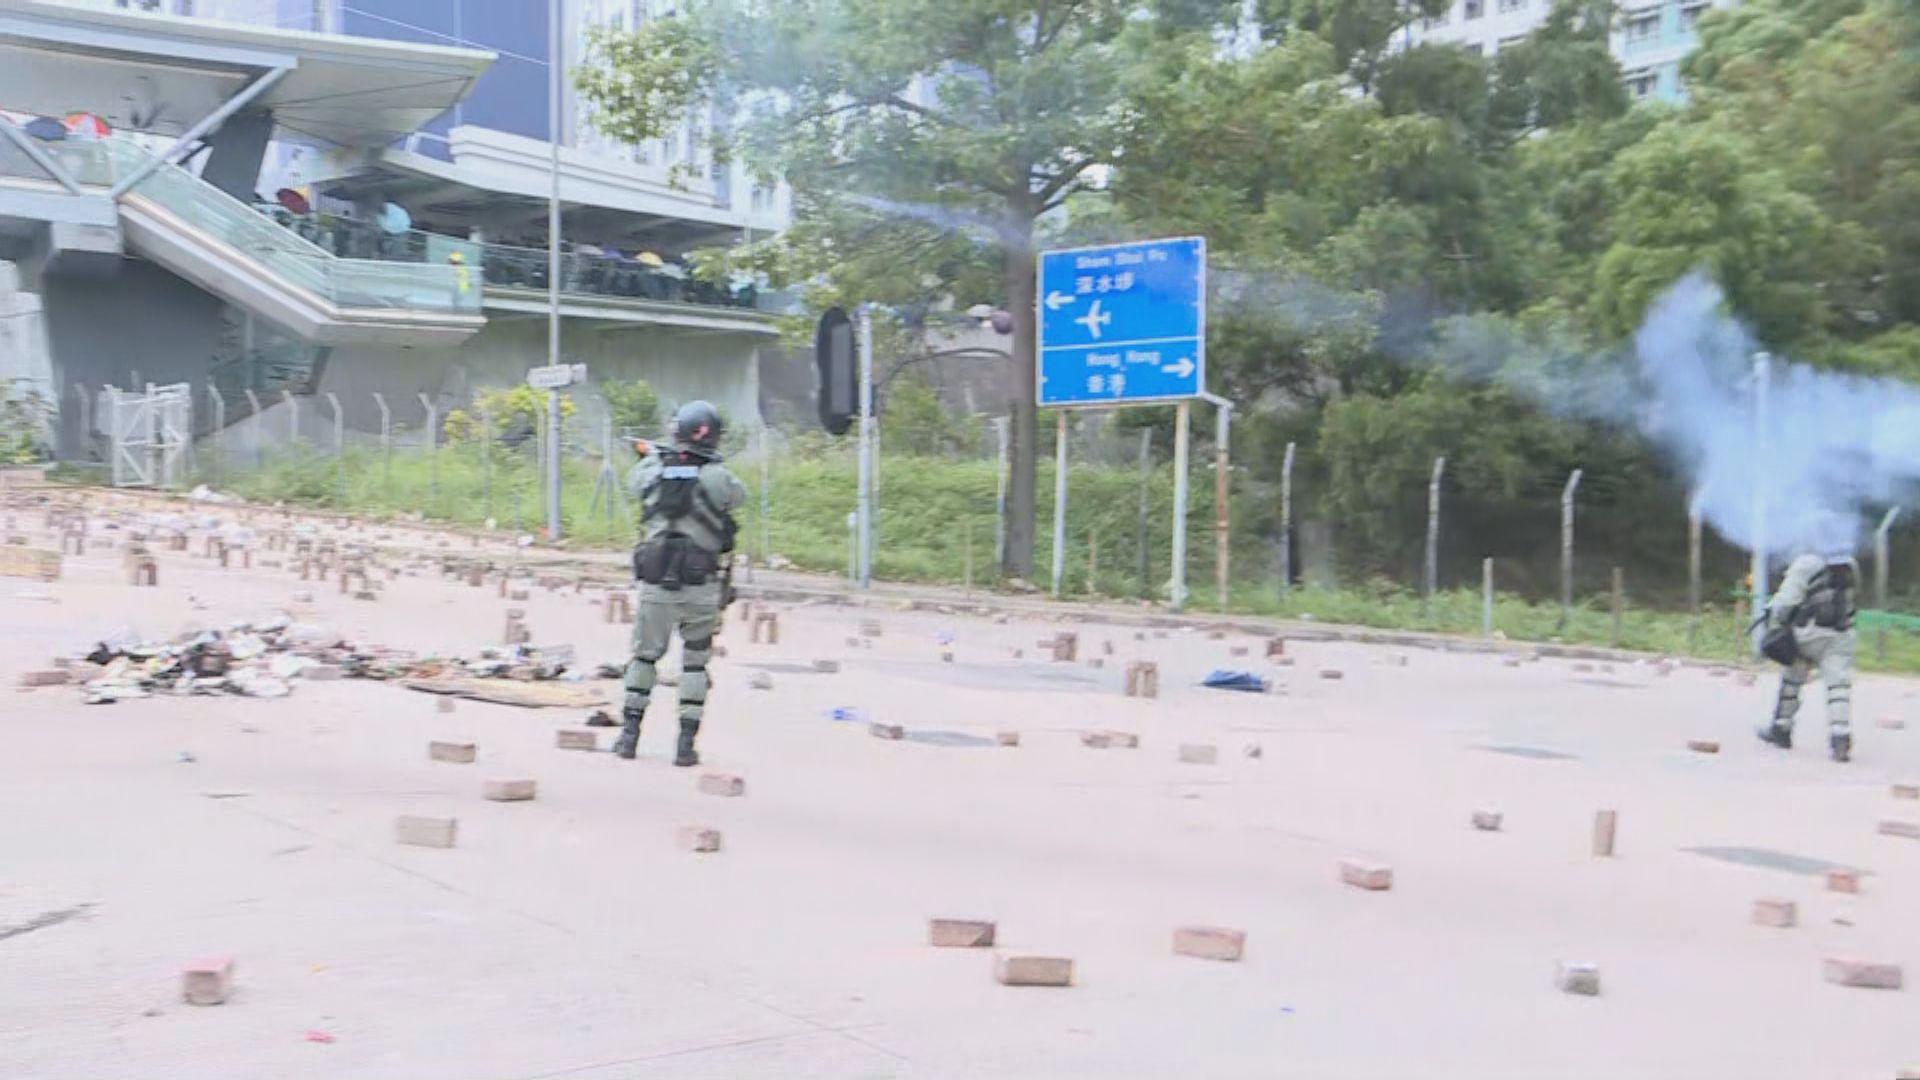 警員曾向城大範圍施放催淚彈驅散示威者